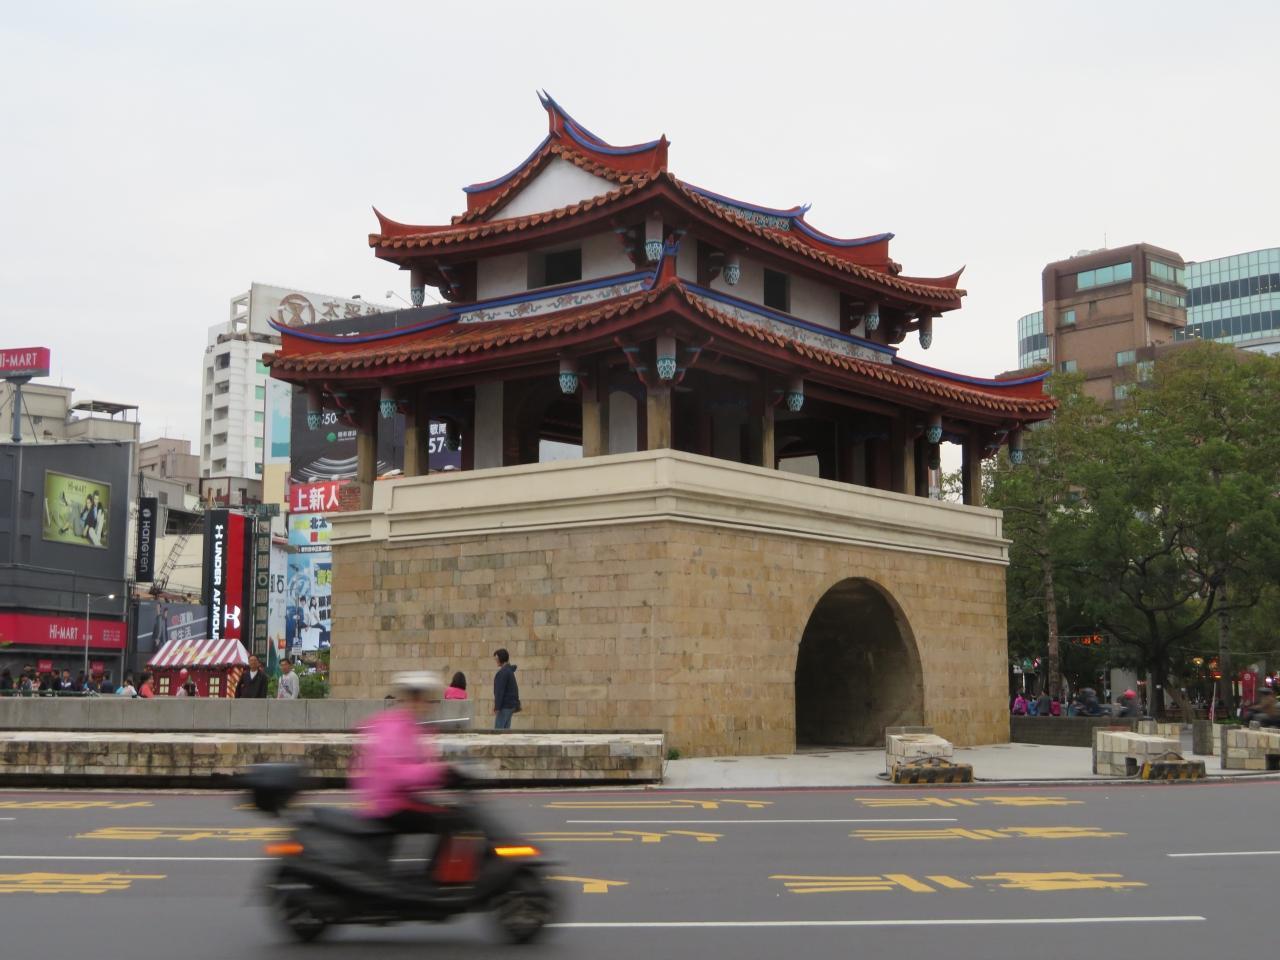 台湾 「行った所・見た所」 新竹駅から北大教会堂と水仙宮・長和宮へ